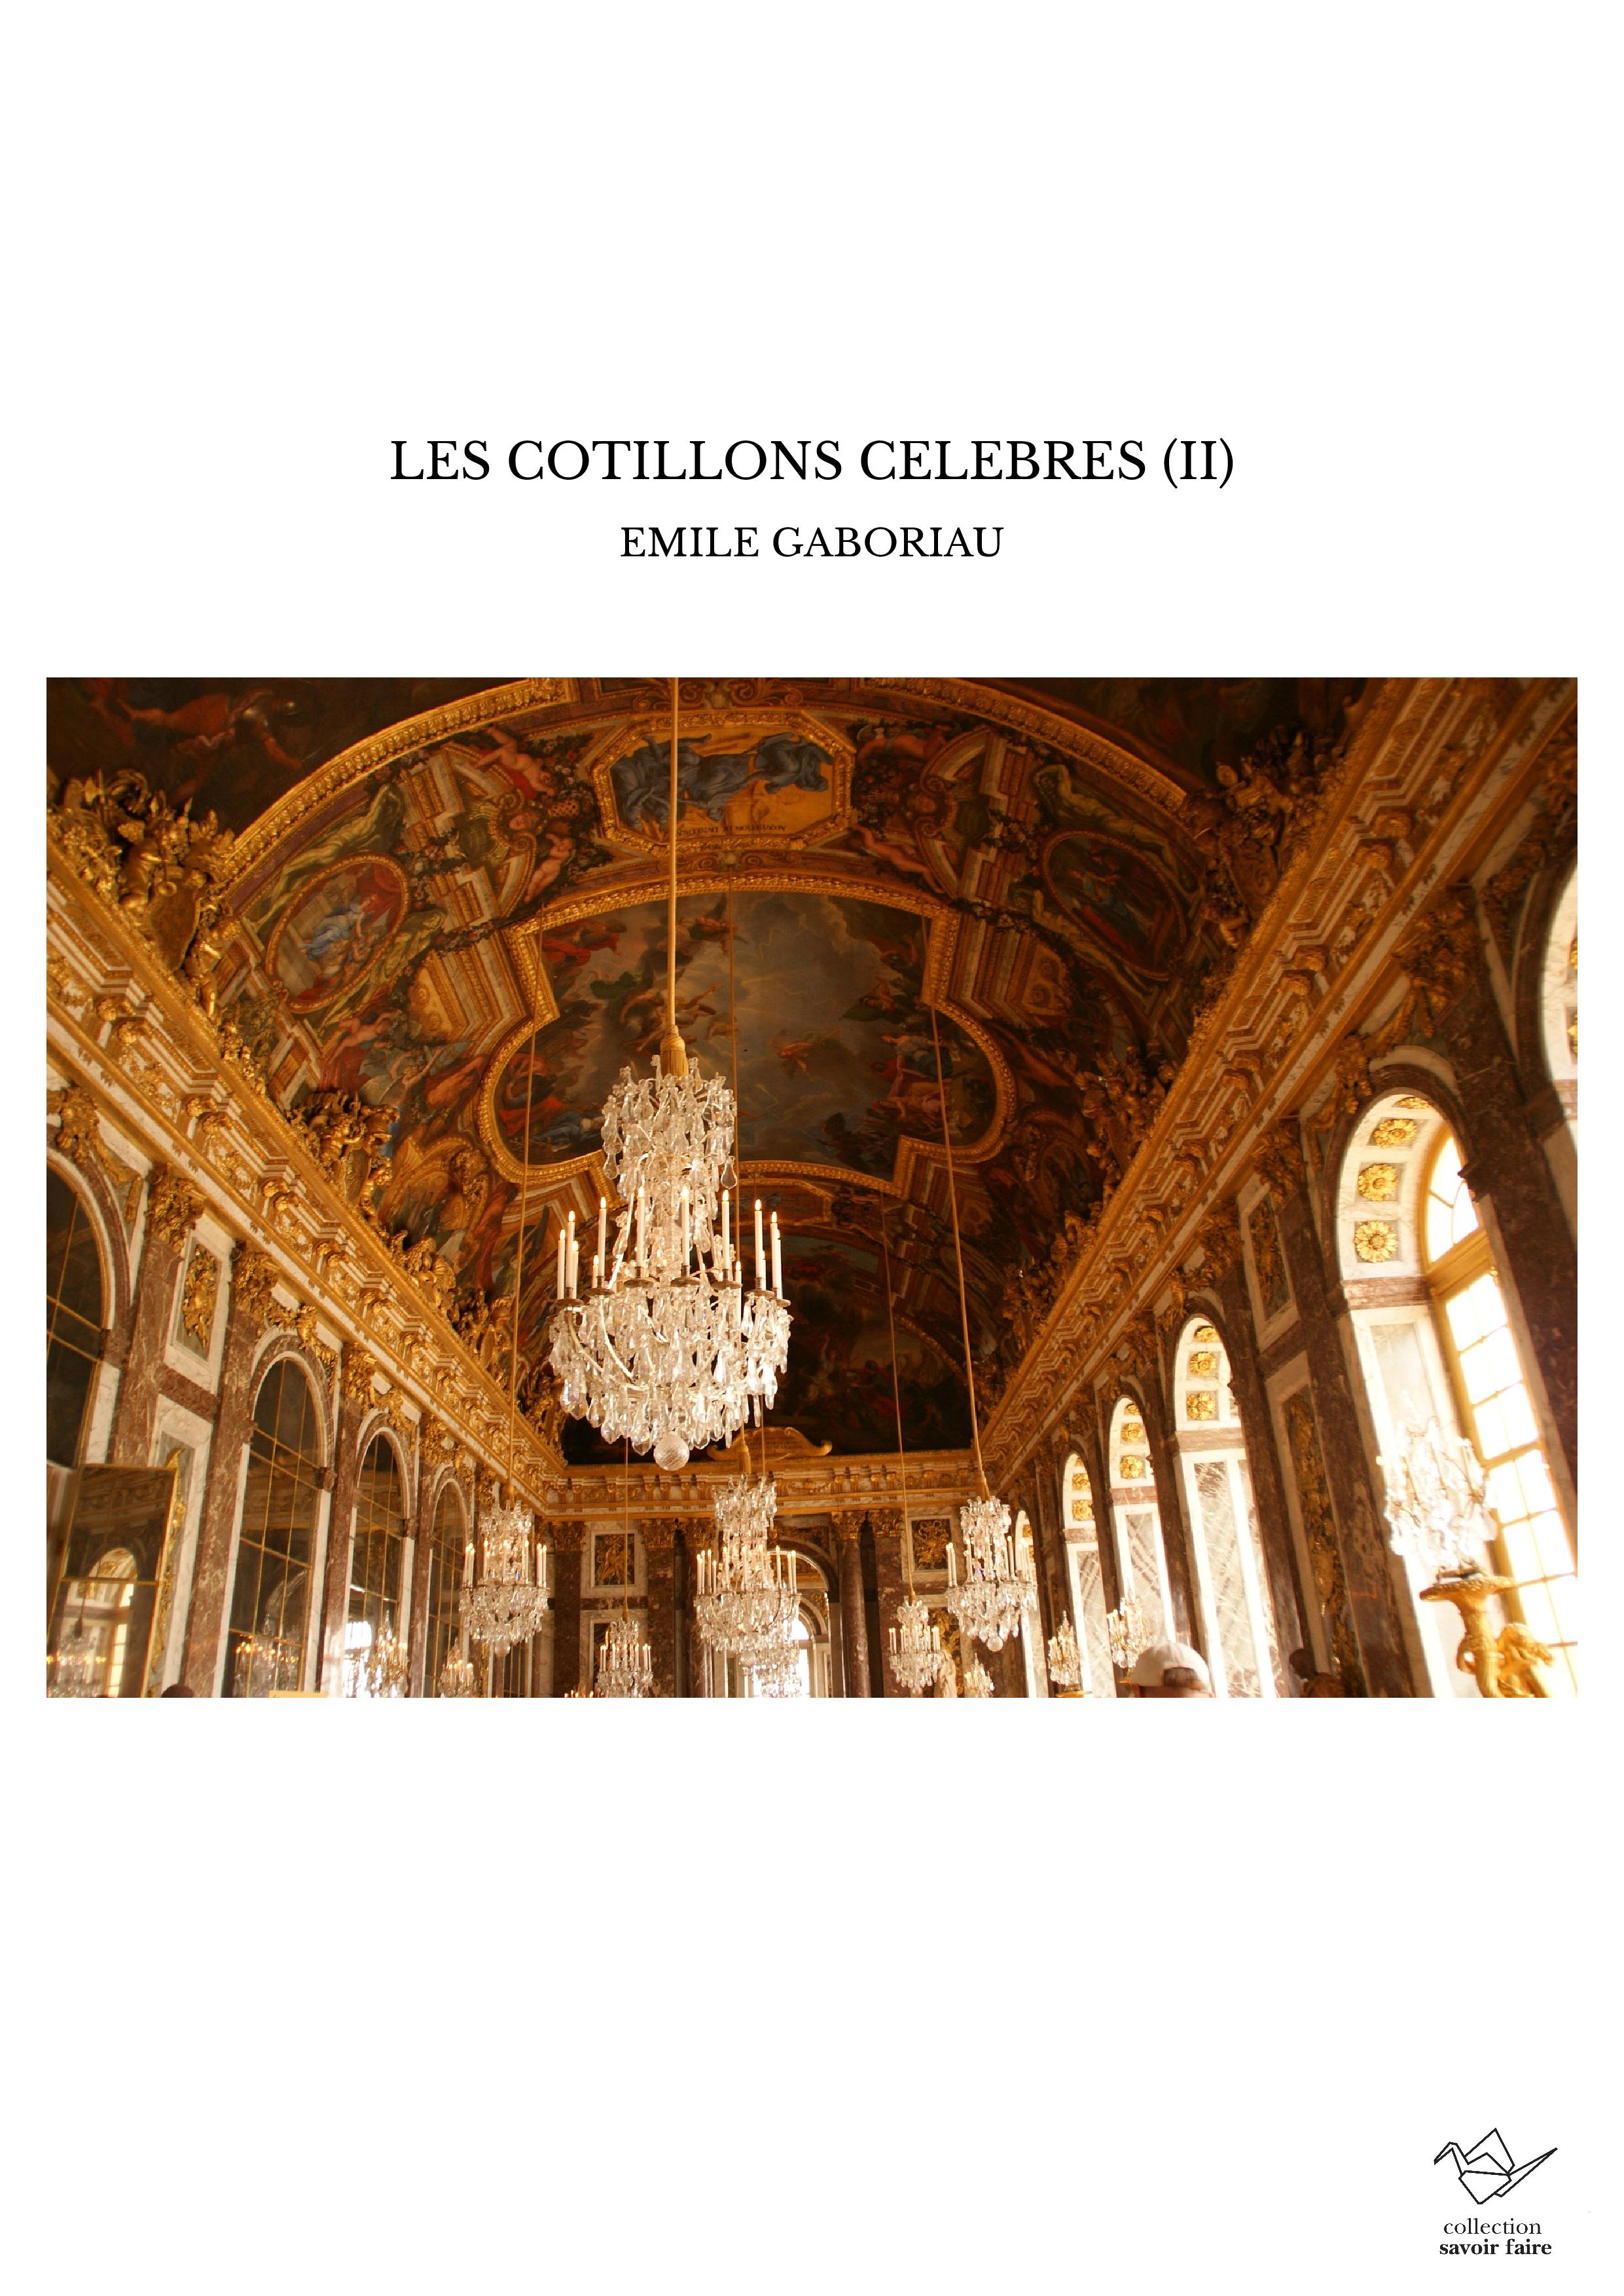 LES COTILLONS CELEBRES (II)